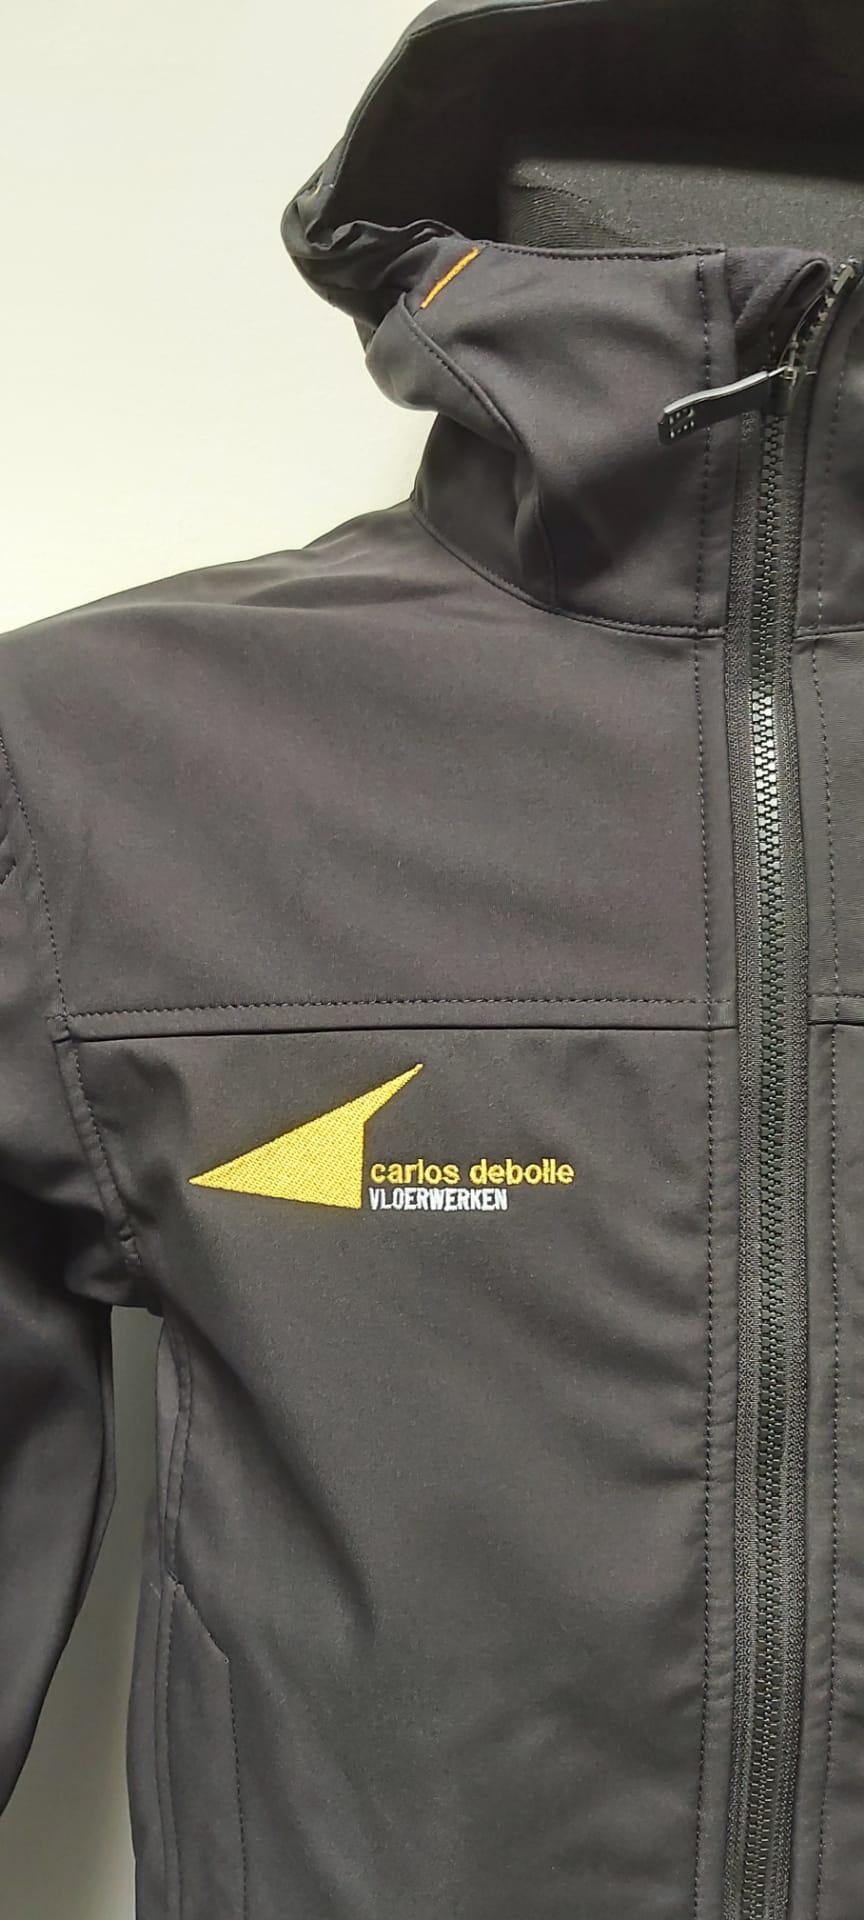 geborduurd logo Carlos Debolle vloerwerken